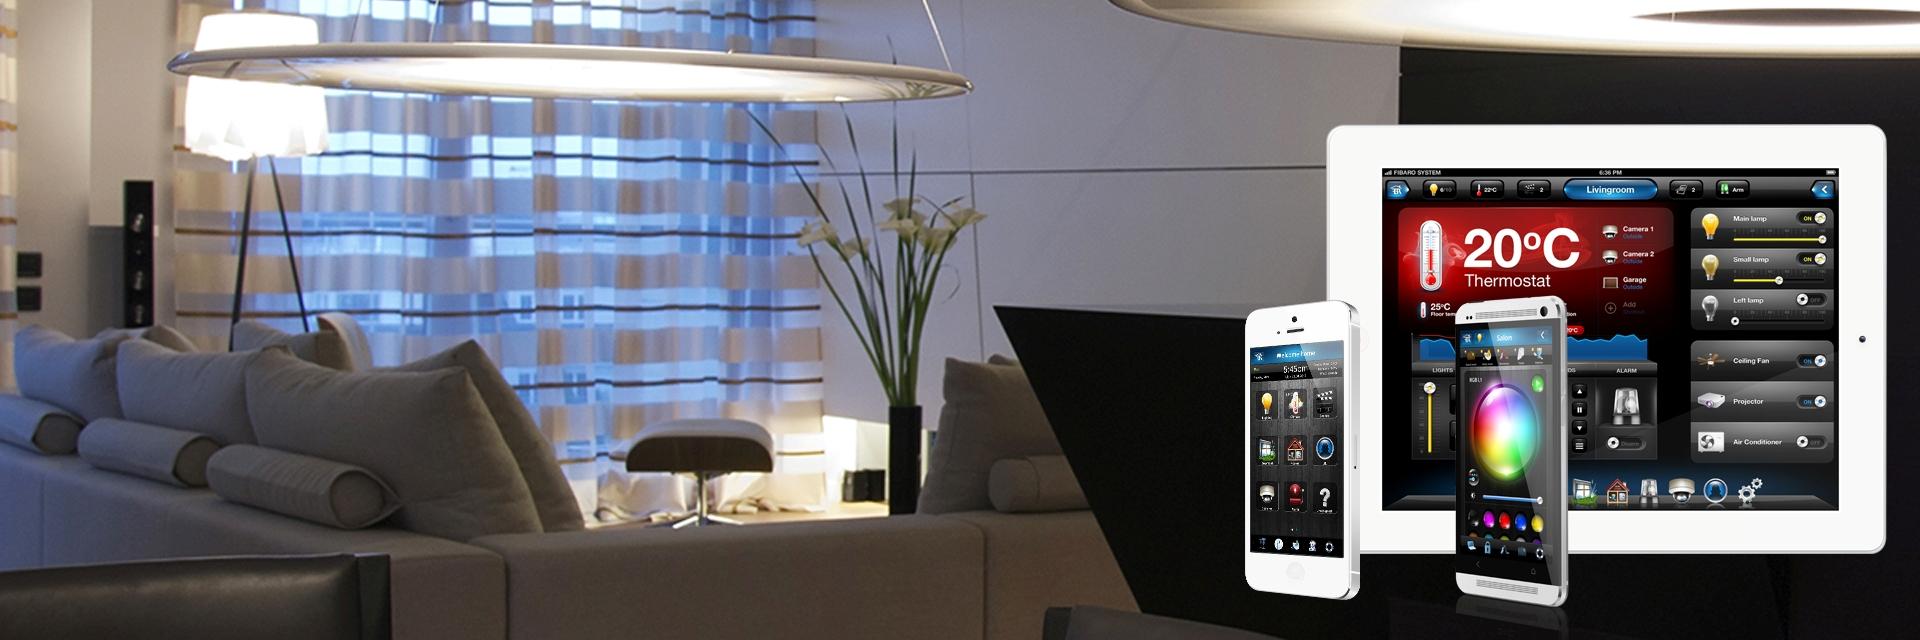 Legyen okos az otthona a biztonság, az energiatakarékosság és a kényelem érdekében!